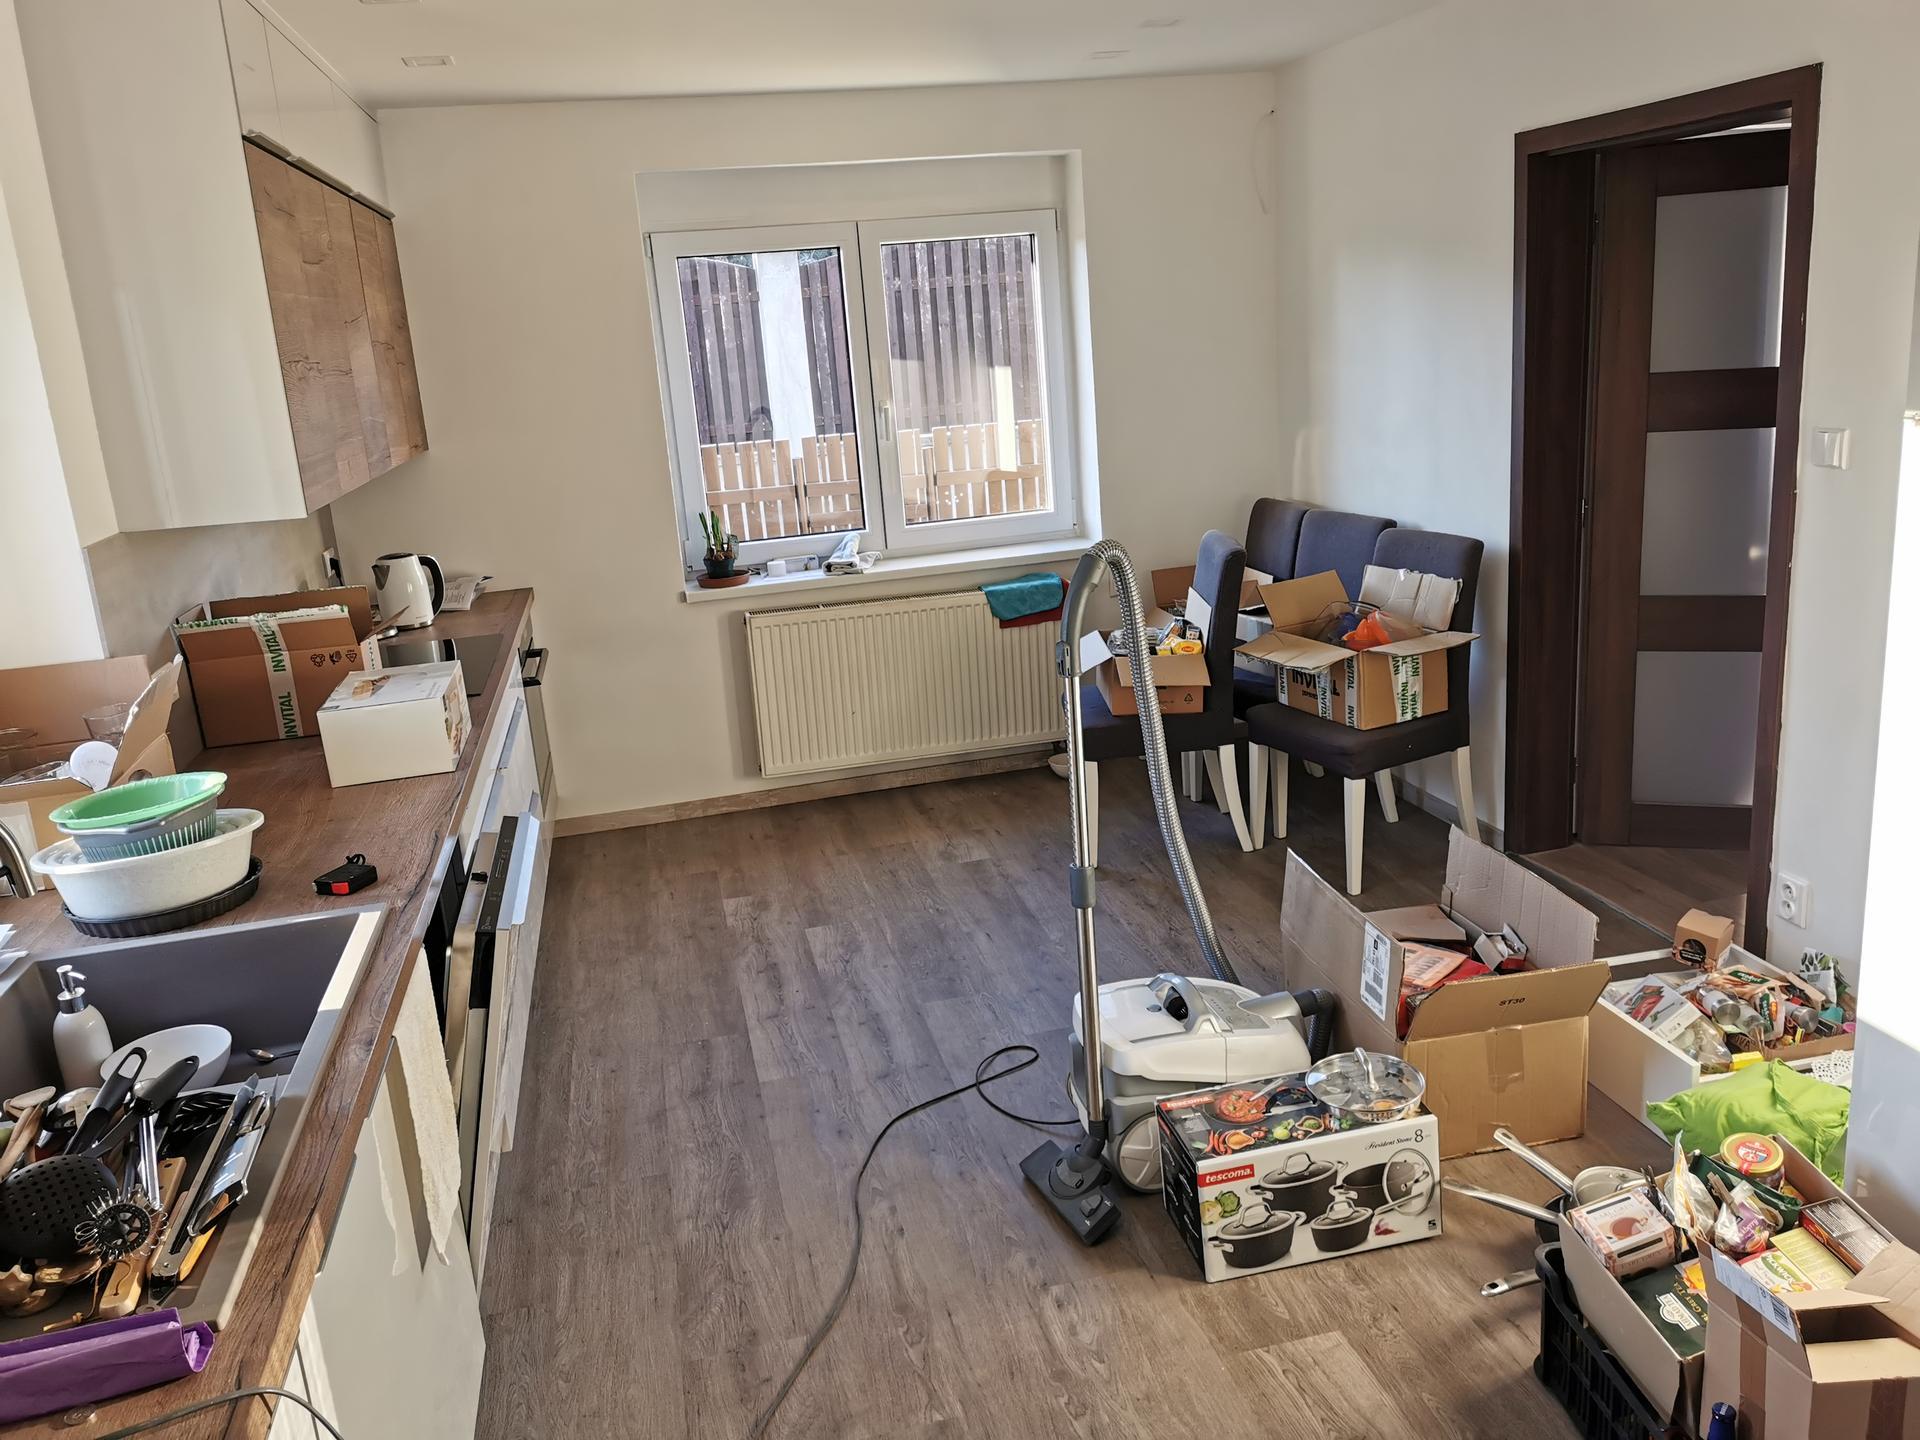 Kuchyně - rekonstrukce - Nechápu, jak se mi to do té staré kuchyně vešlo 🙈